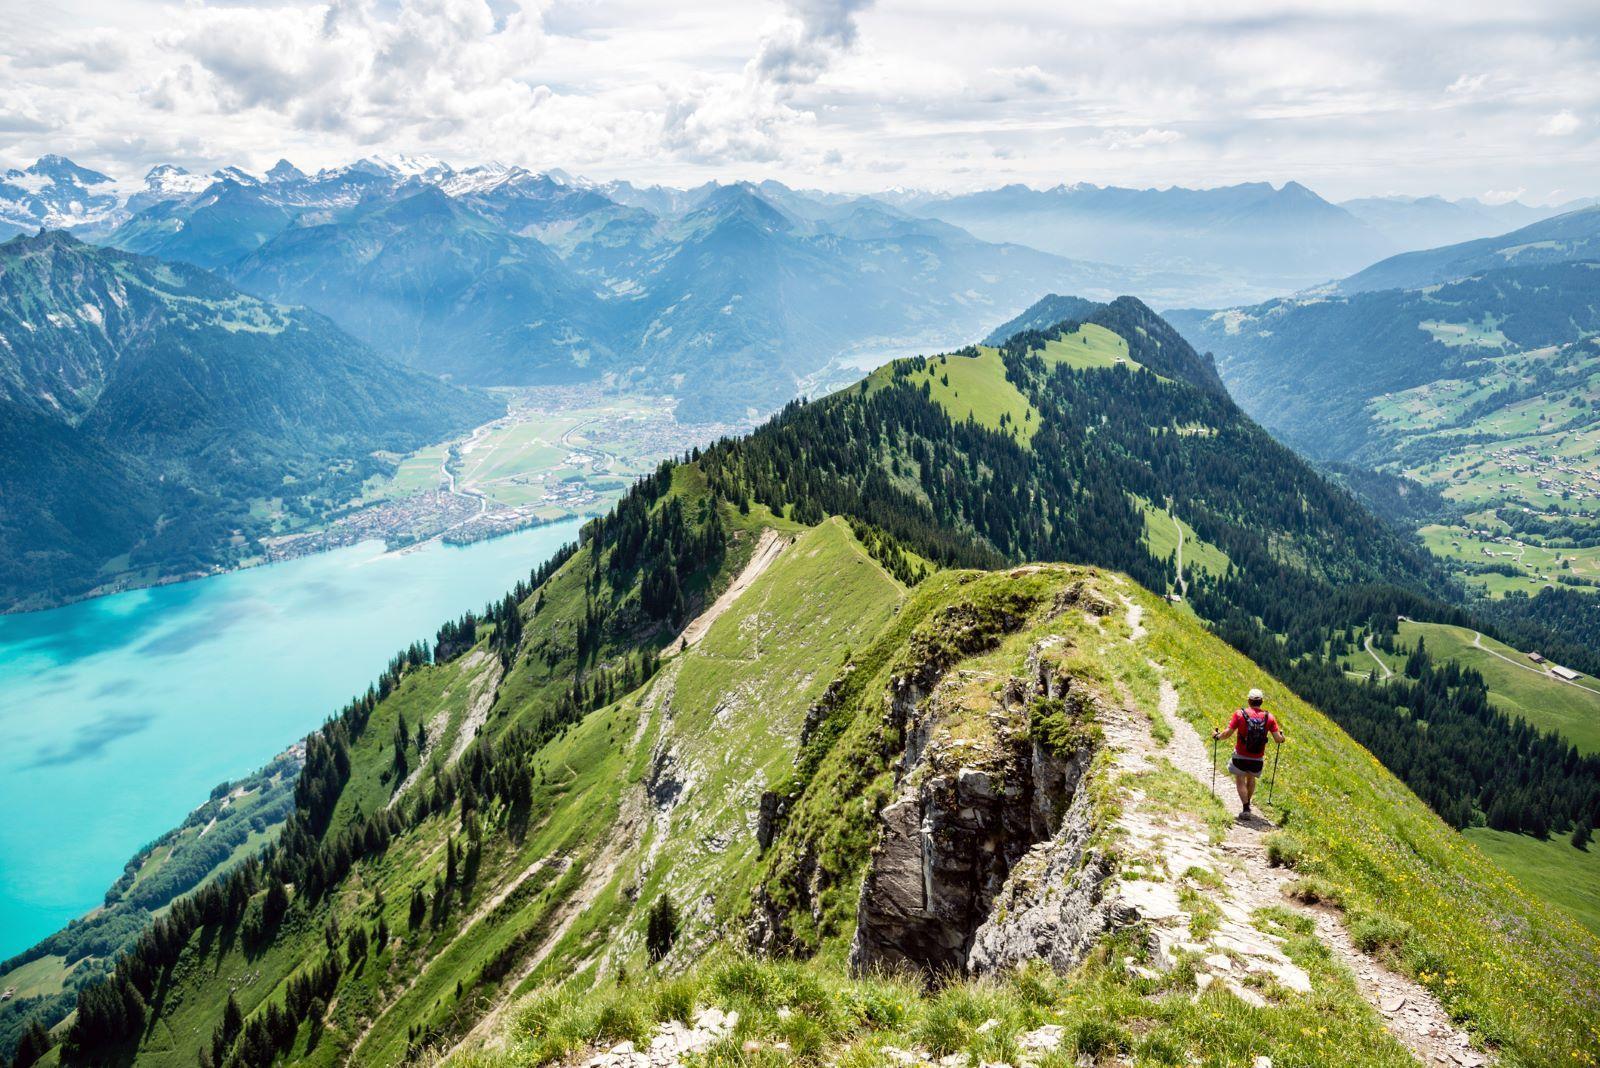 Идиличен швајцарски град сместен помеѓу езера и планини